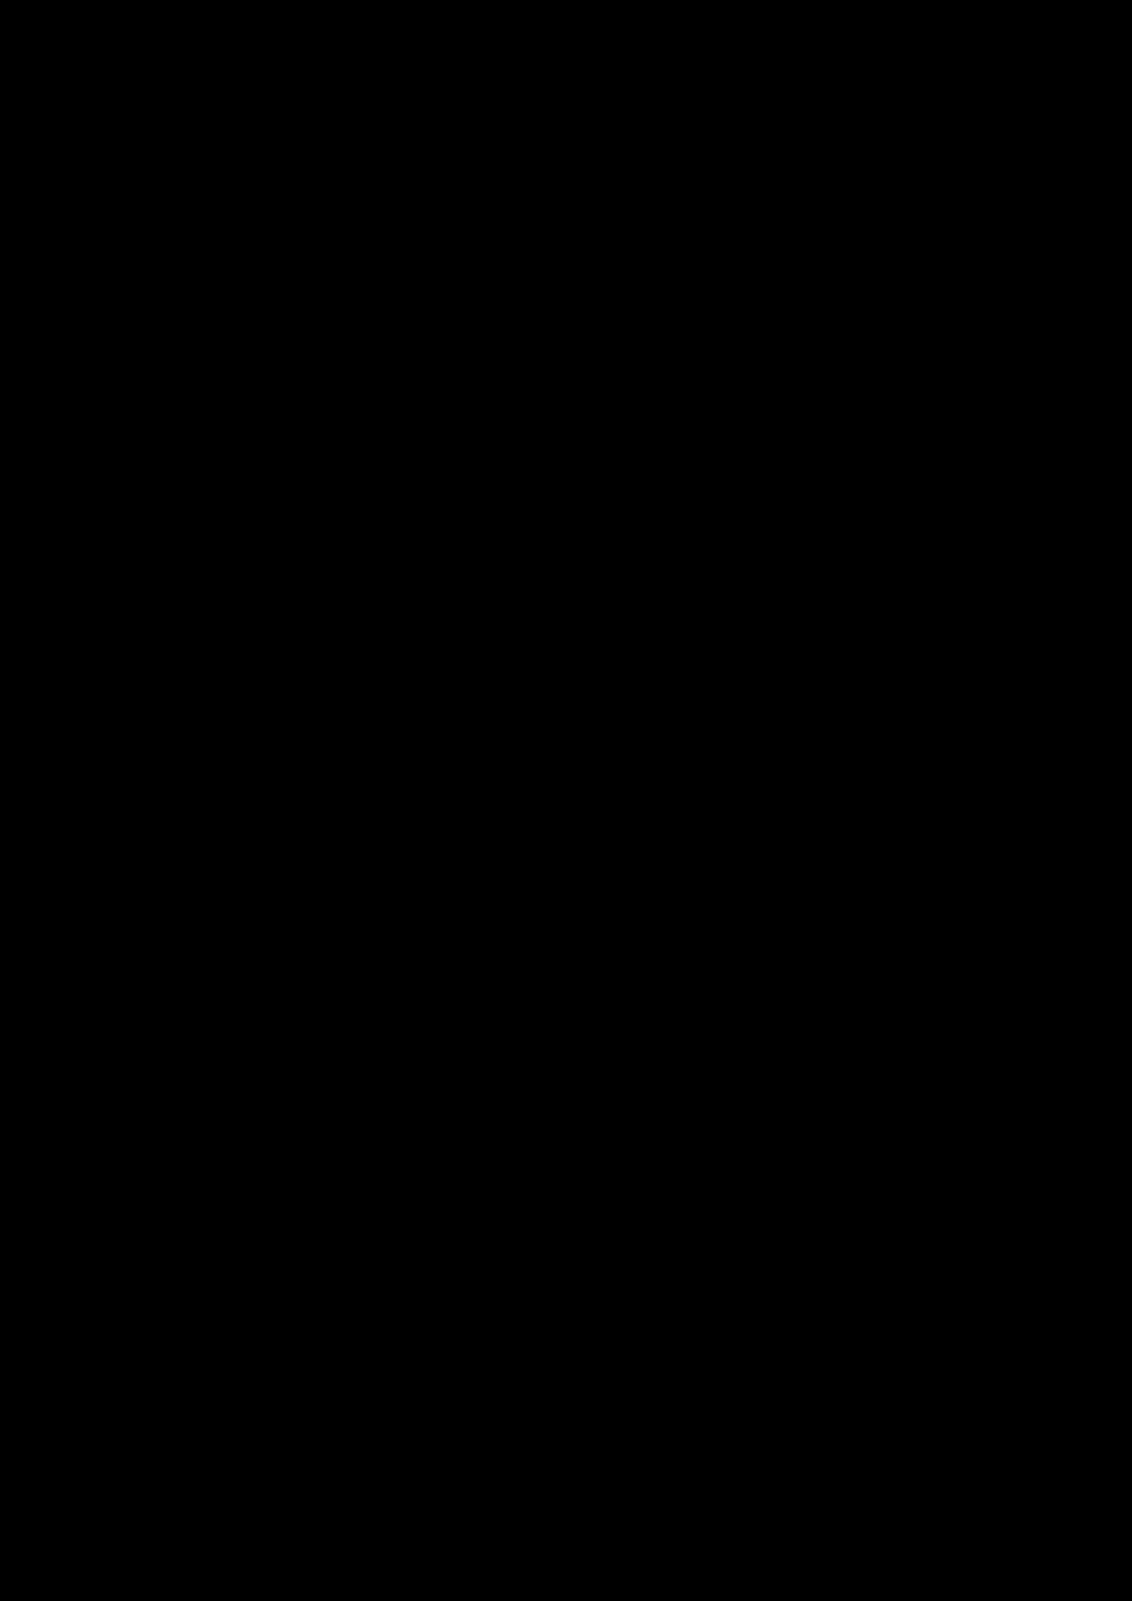 Zagadka volshebnoy stranyi slide, Image 165